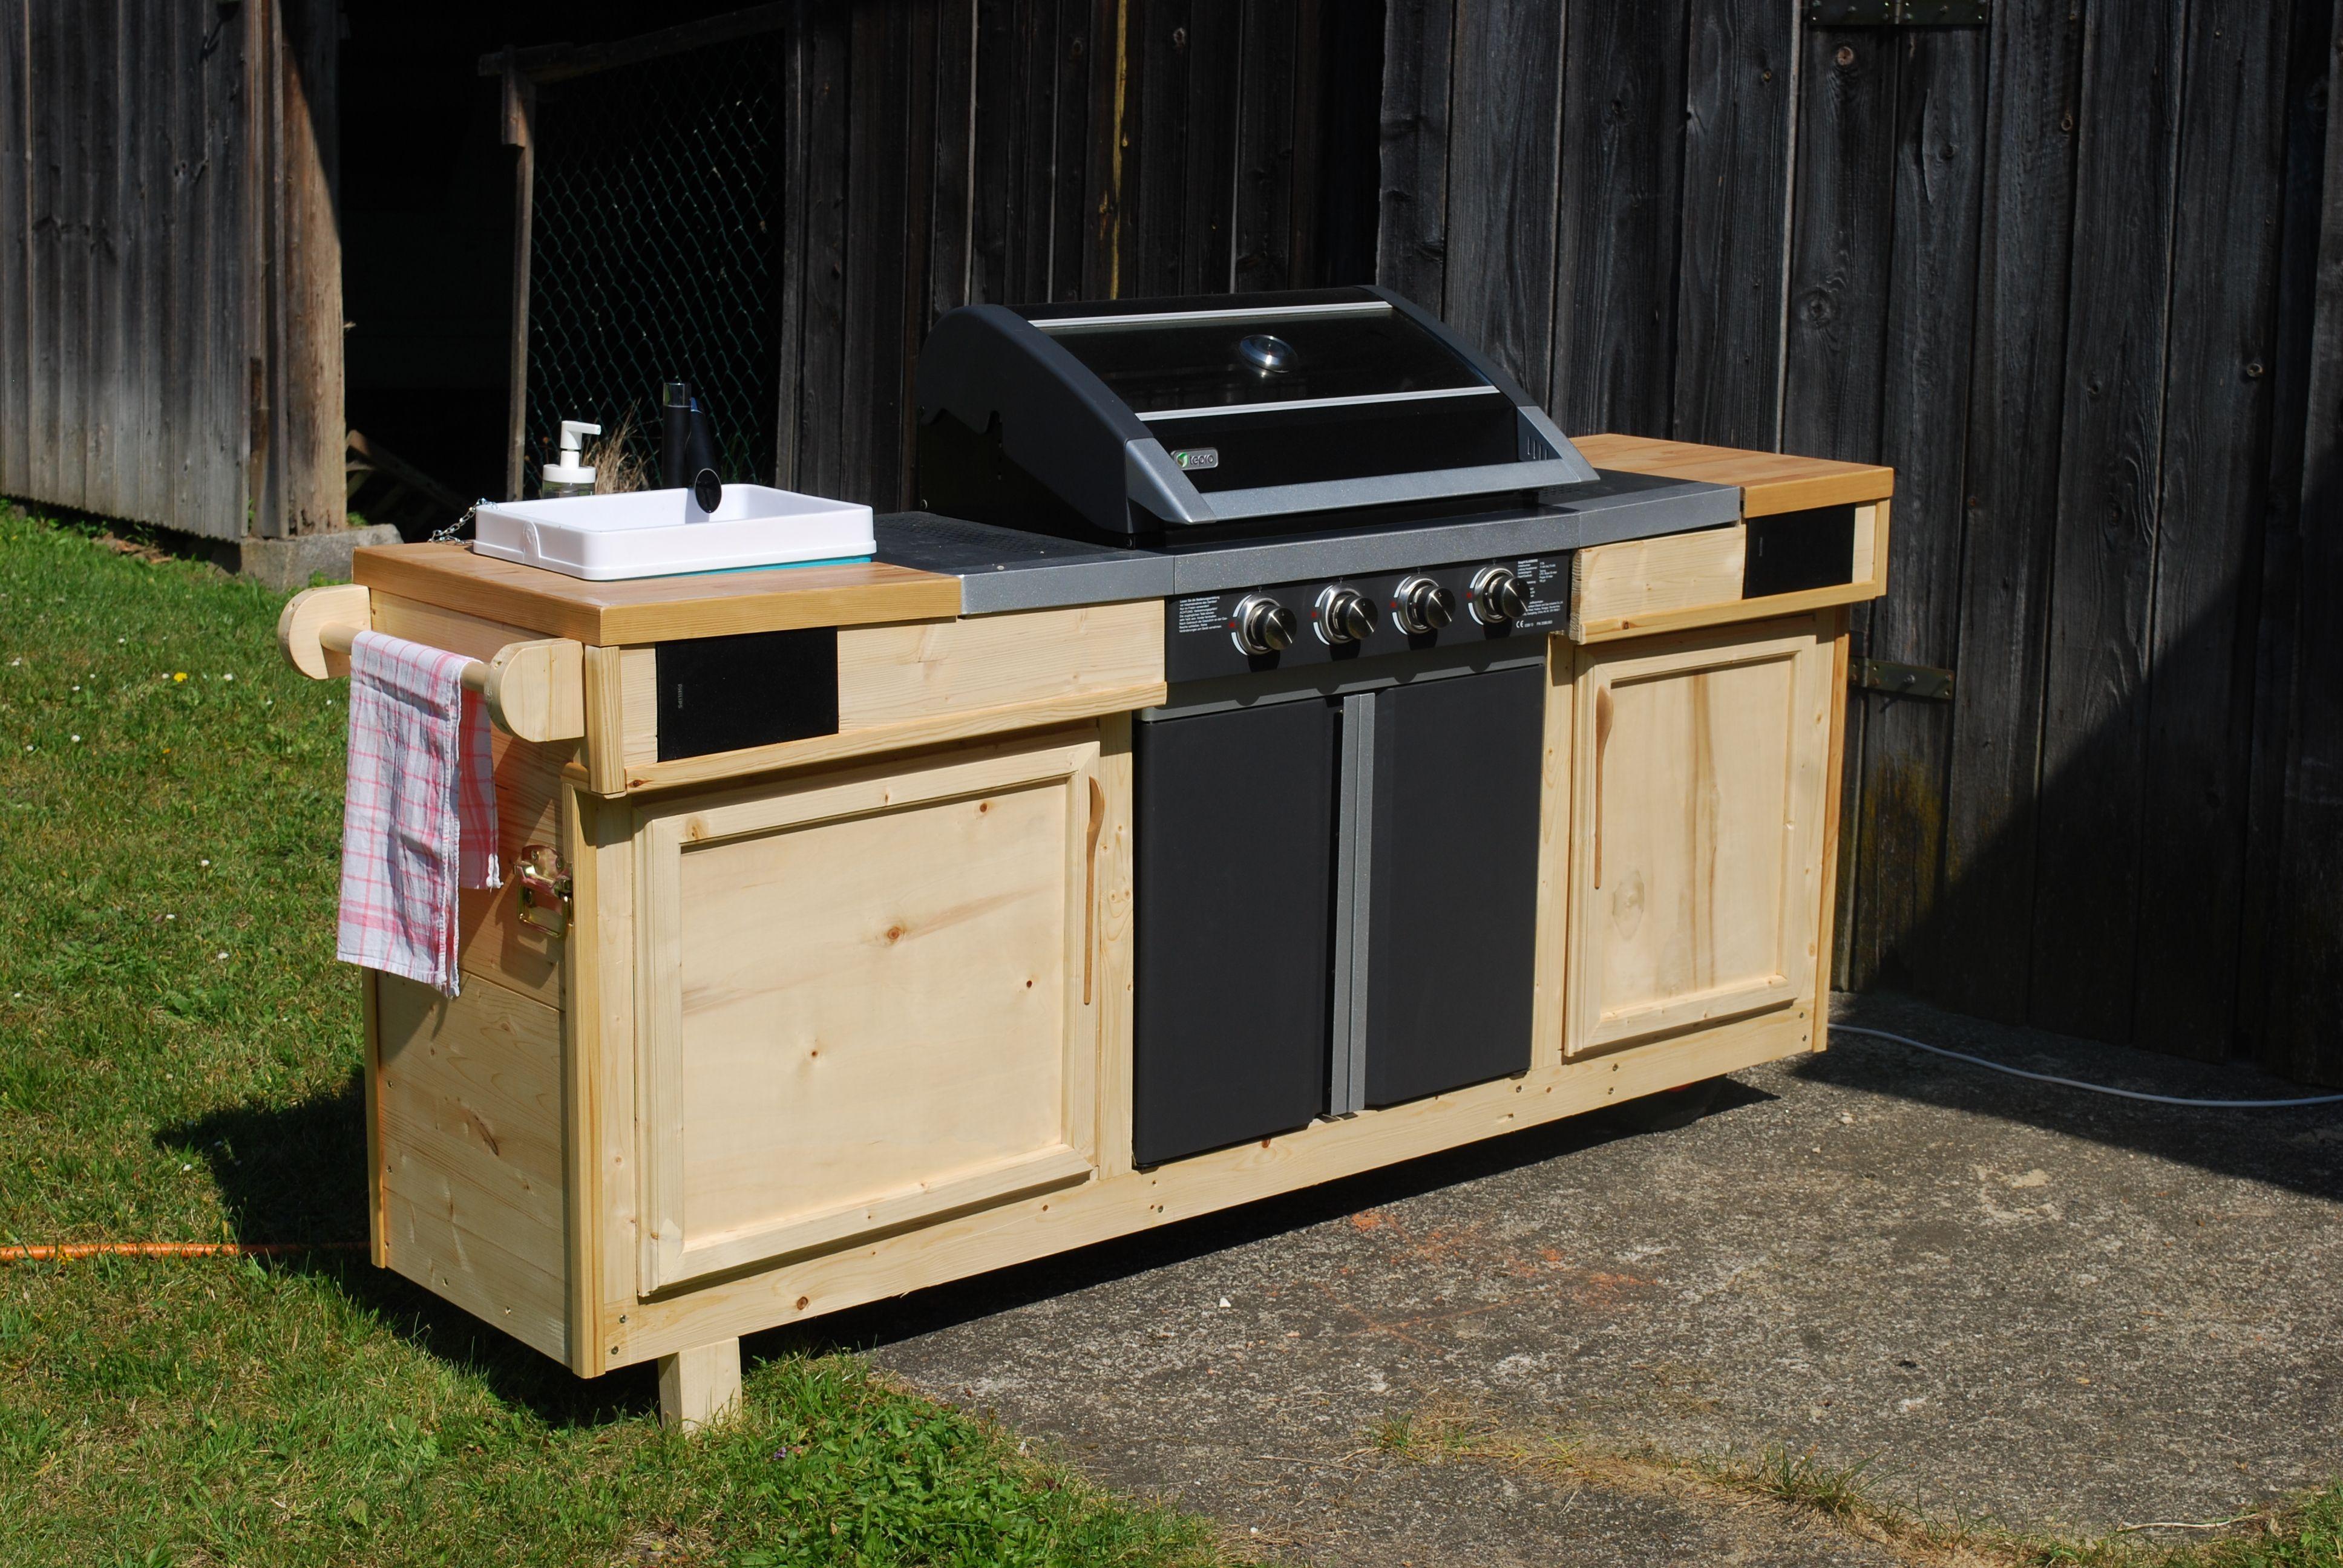 Outdoor Kuche Bauen In 2020 Mit Bildern Outdoor Kuche Selber Bauen Kuche Bauen Aussenkuche Selber Bauen